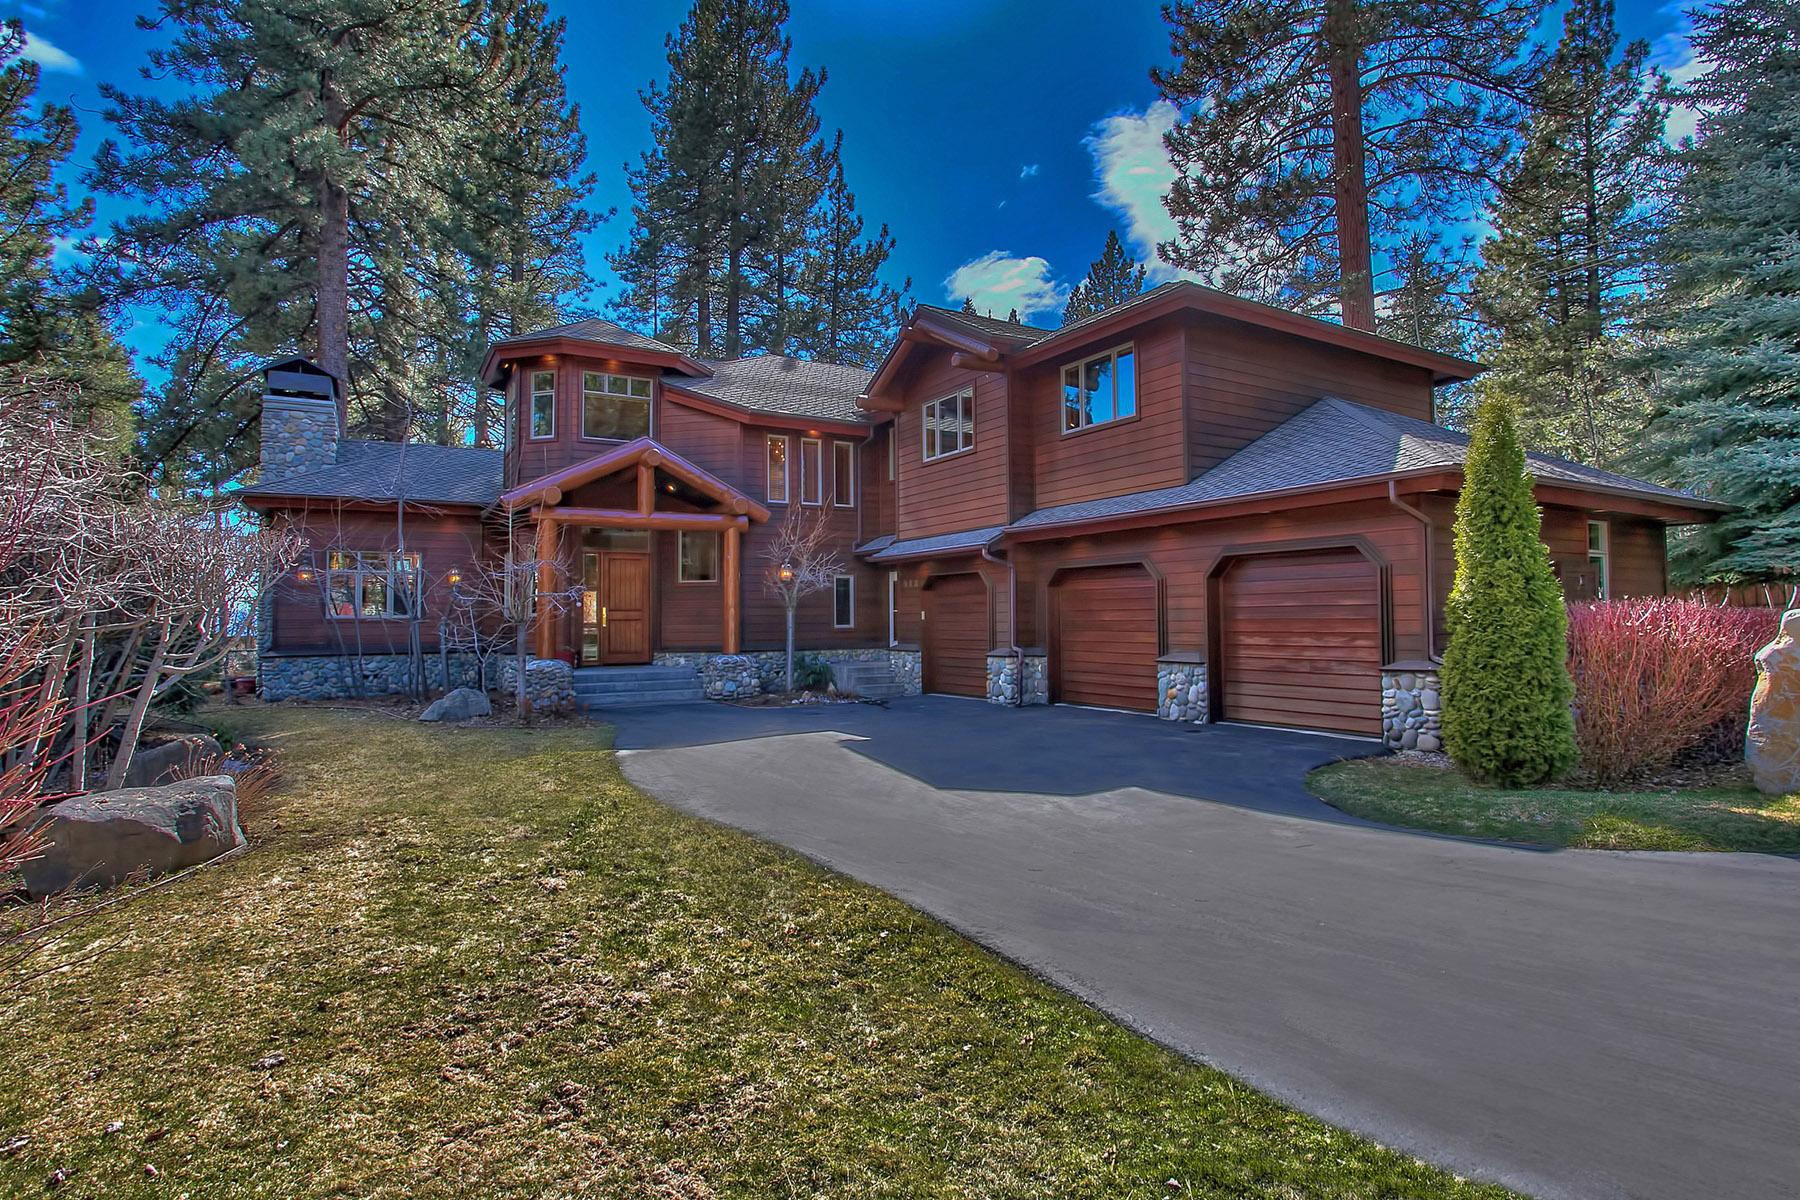 Частный односемейный дом для того Продажа на 948 Lakeshore View Court Incline Village, Невада, 89451 Соединенные Штаты